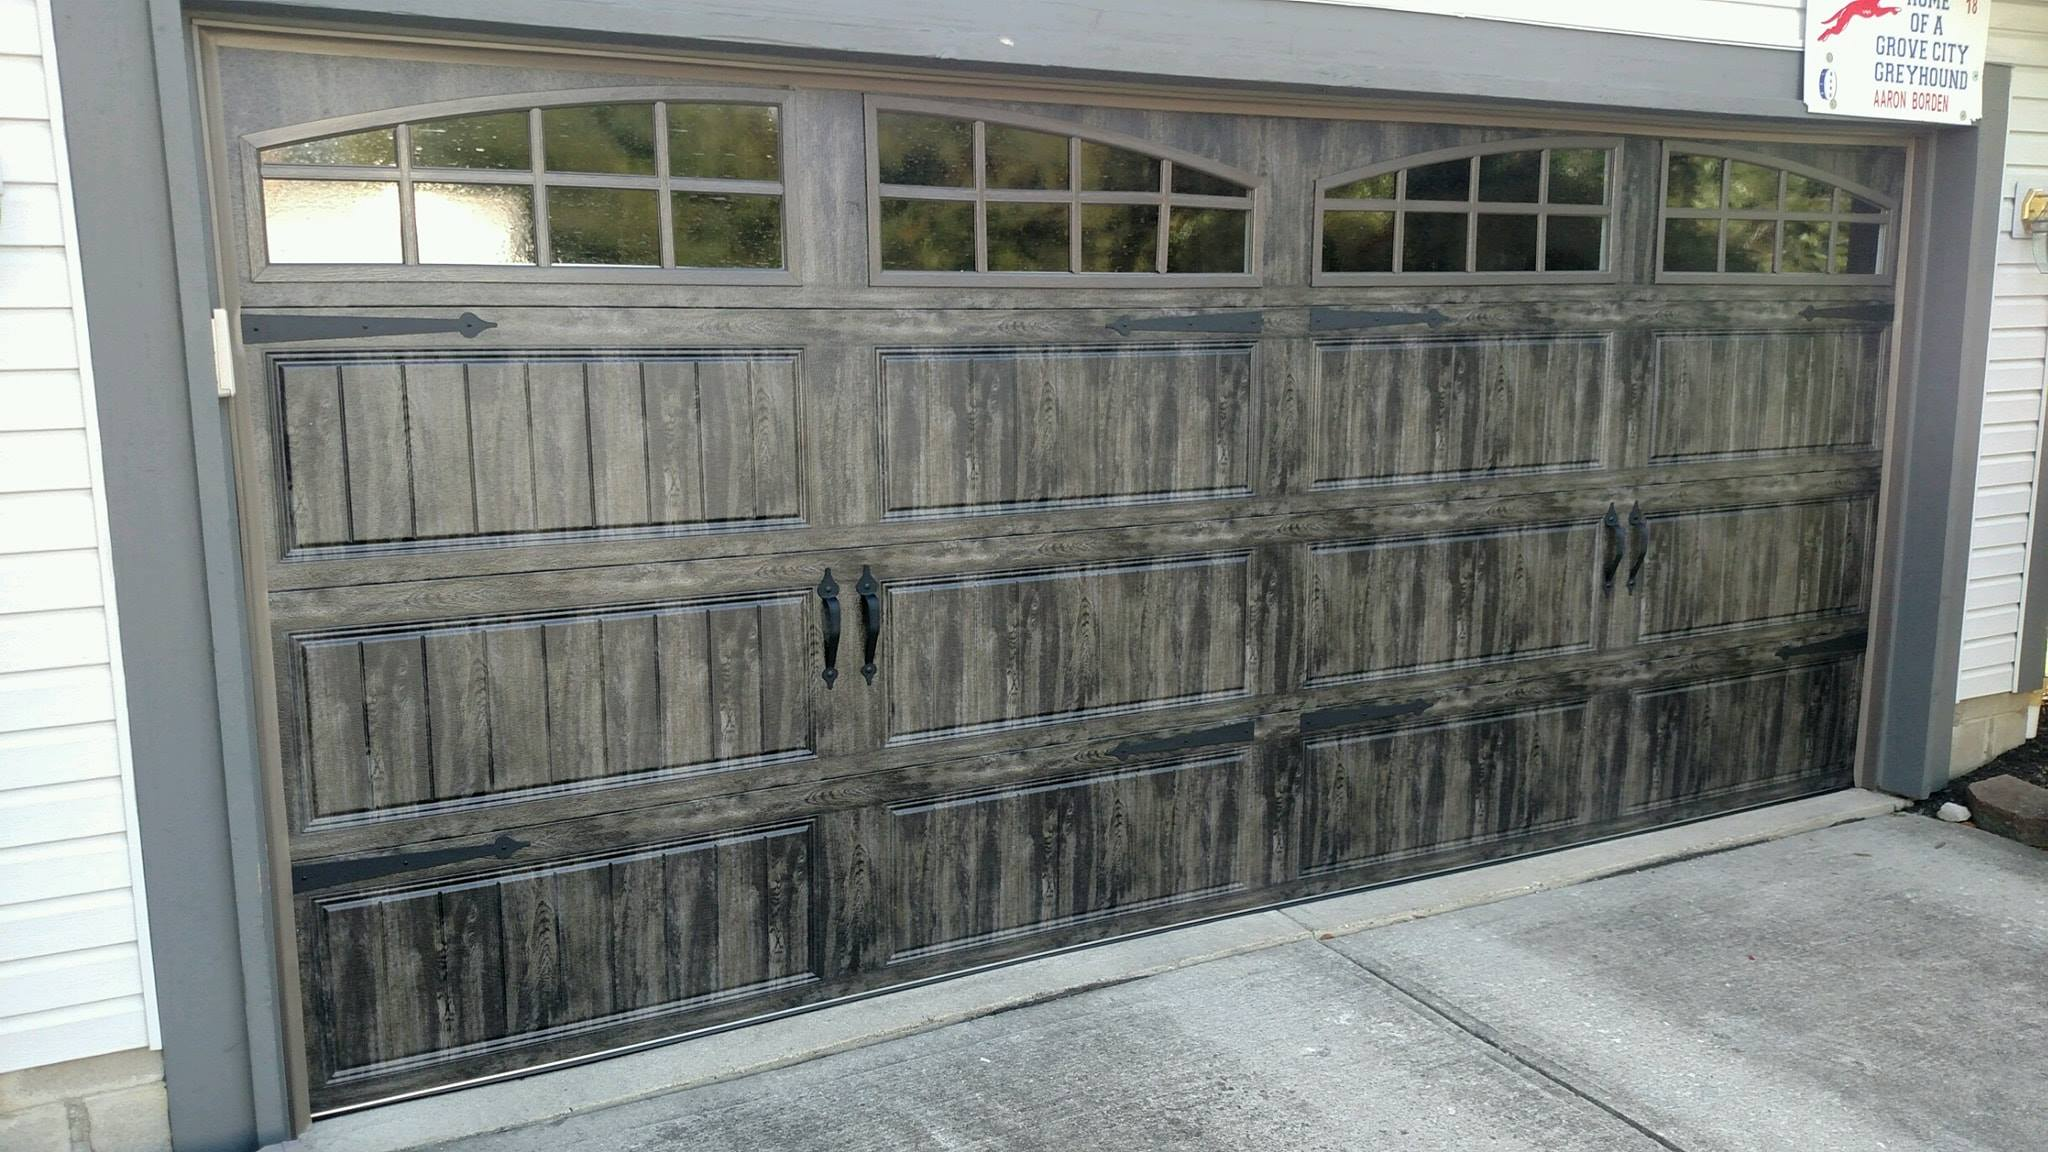 Clopay Gallery Series Grove City Garage Door 174 Inc 614